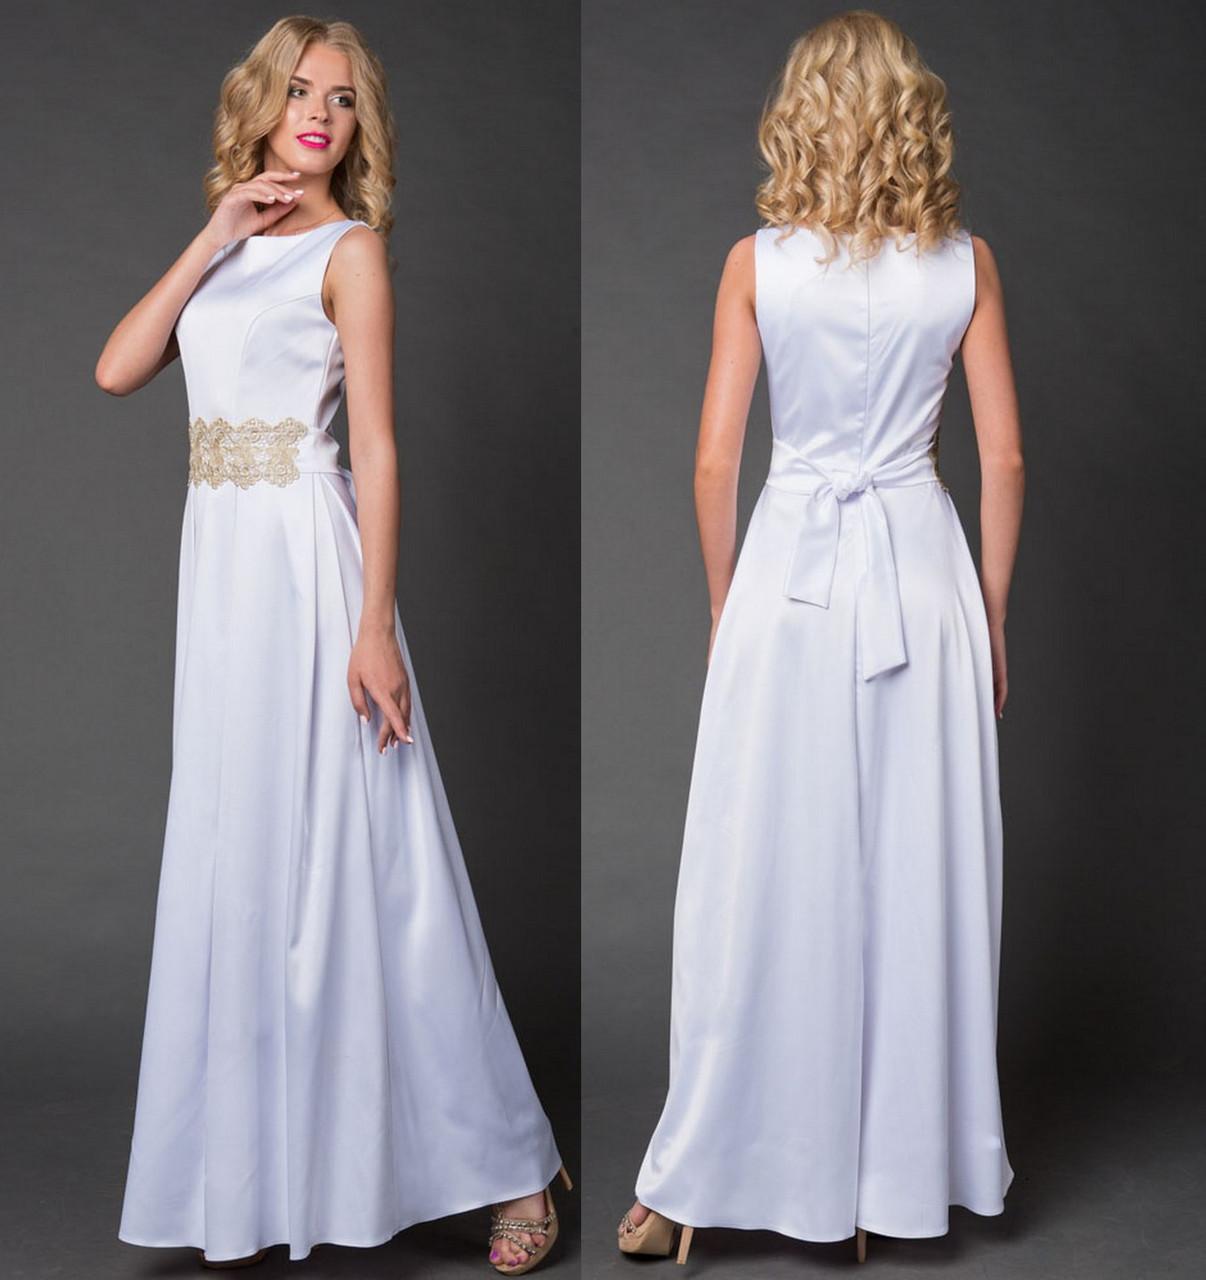 9dd4004b4436 Платье длинное вечернее с кружевным поясом. Белое,6 цветов. Р-ры  42 ...